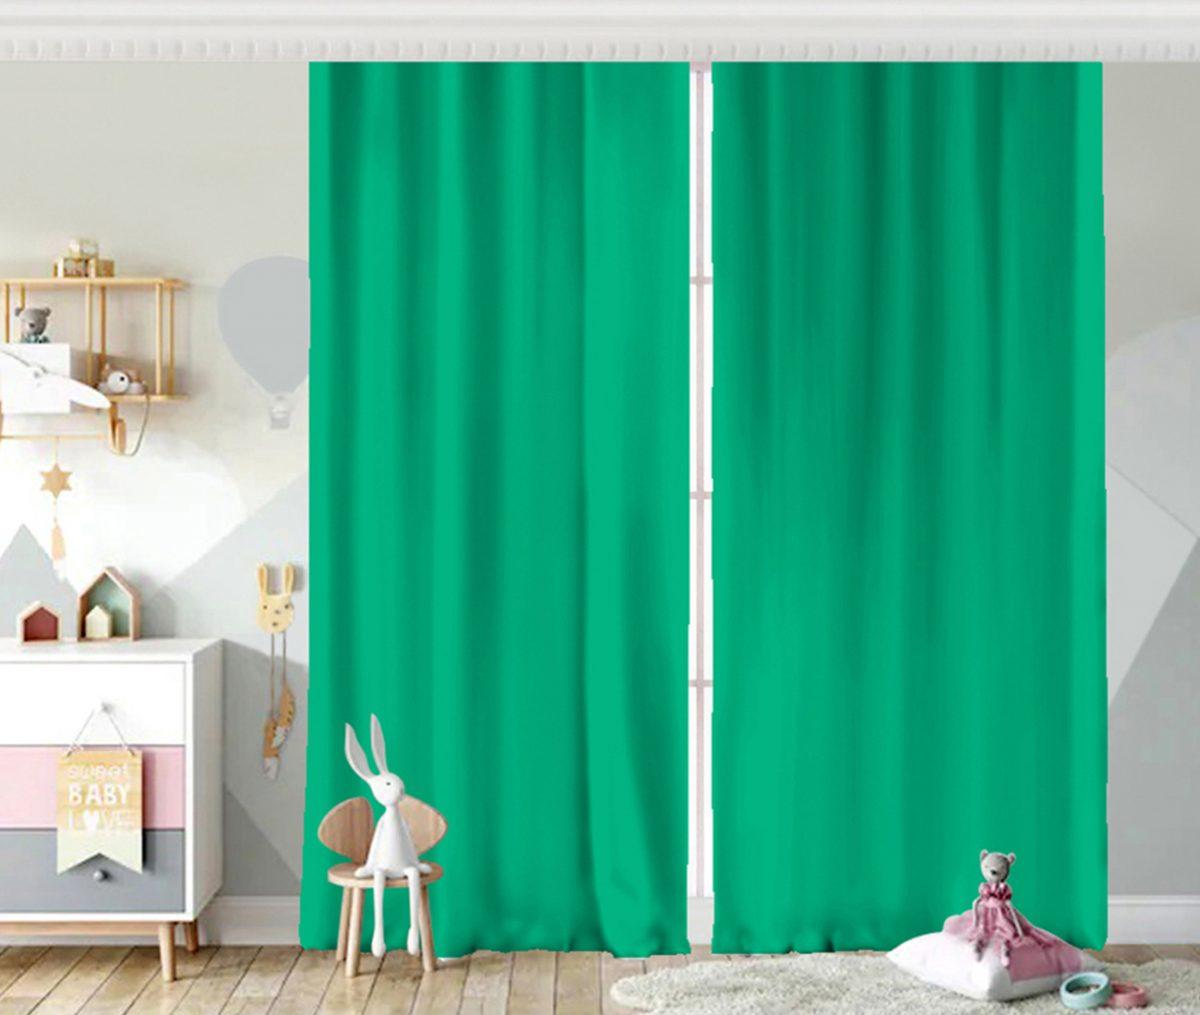 RealHomes Düz Açık Yeşil Renkli Dijital Baskılı Çocuk Odası Fon Perde Realhomes